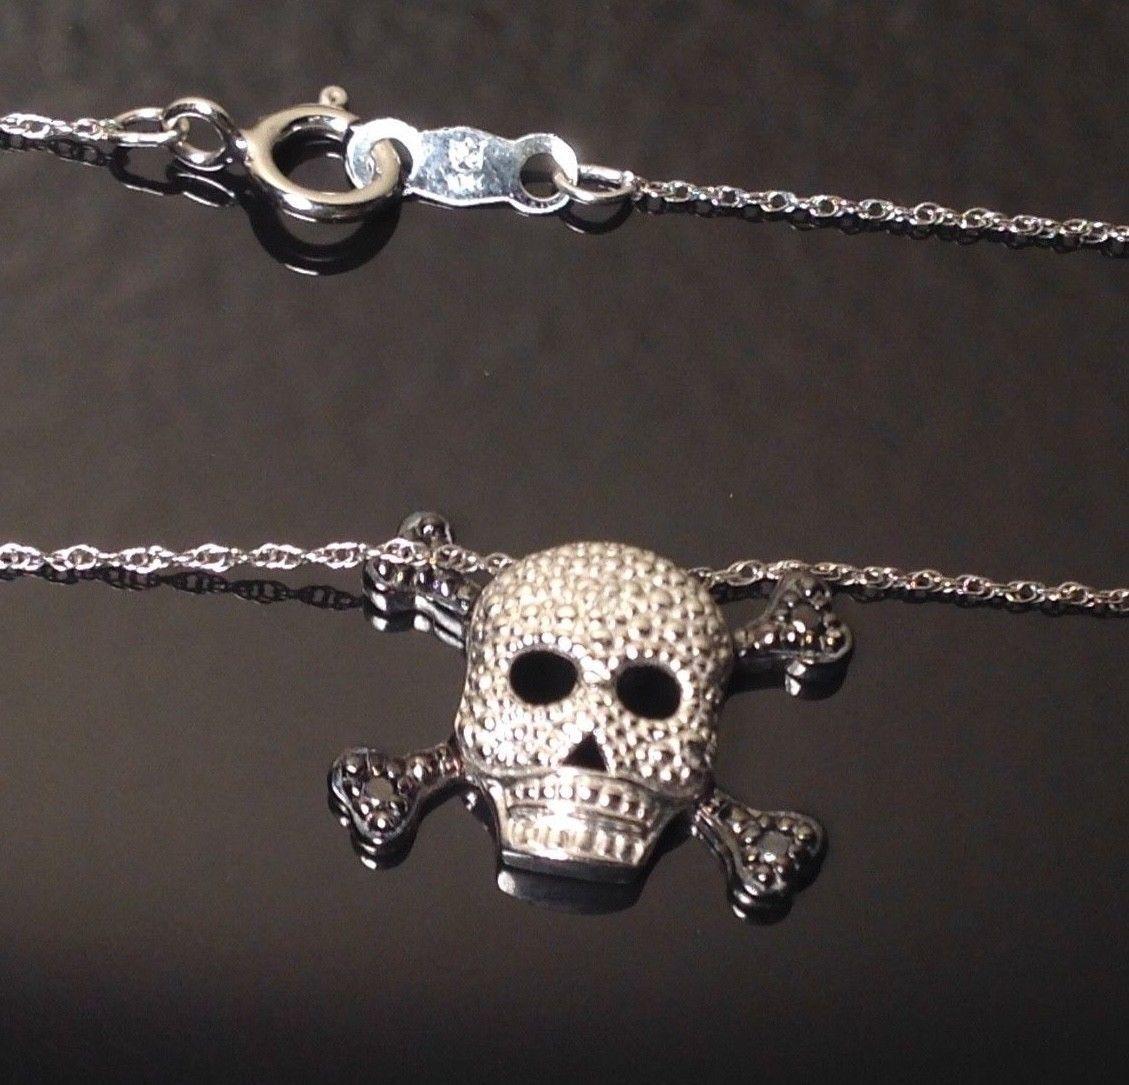 10k White Gold Skull Amp Cross Bones Black Amp White Sapphire Pendant Necklace Sapphire Necklace Pendants Gold Skull Sapphire Pendant